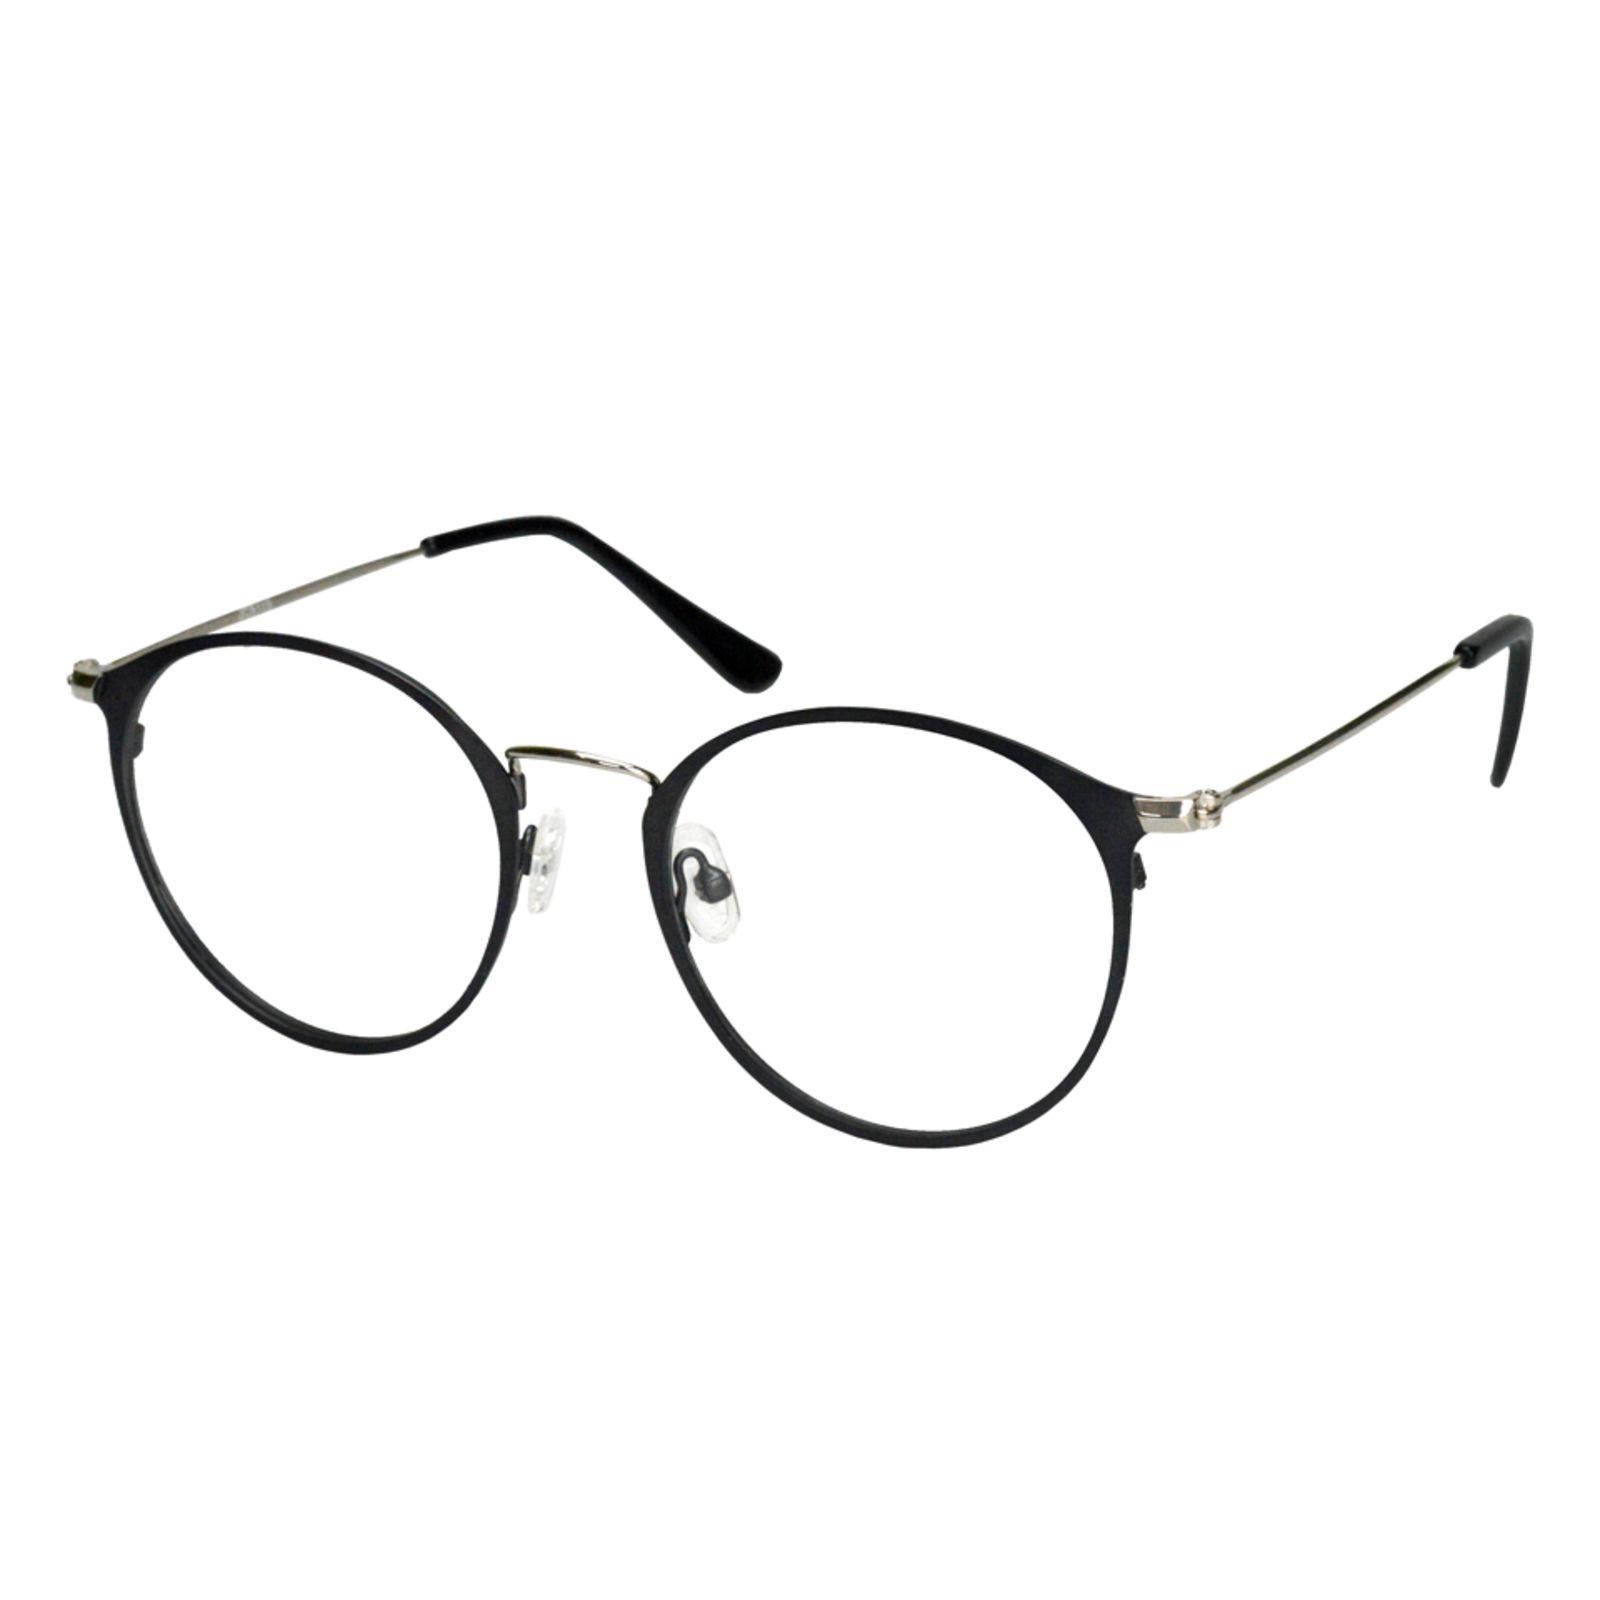 Oculos Armacao De Grau Isabela Dias Redondo Retro 7016 Preto Em